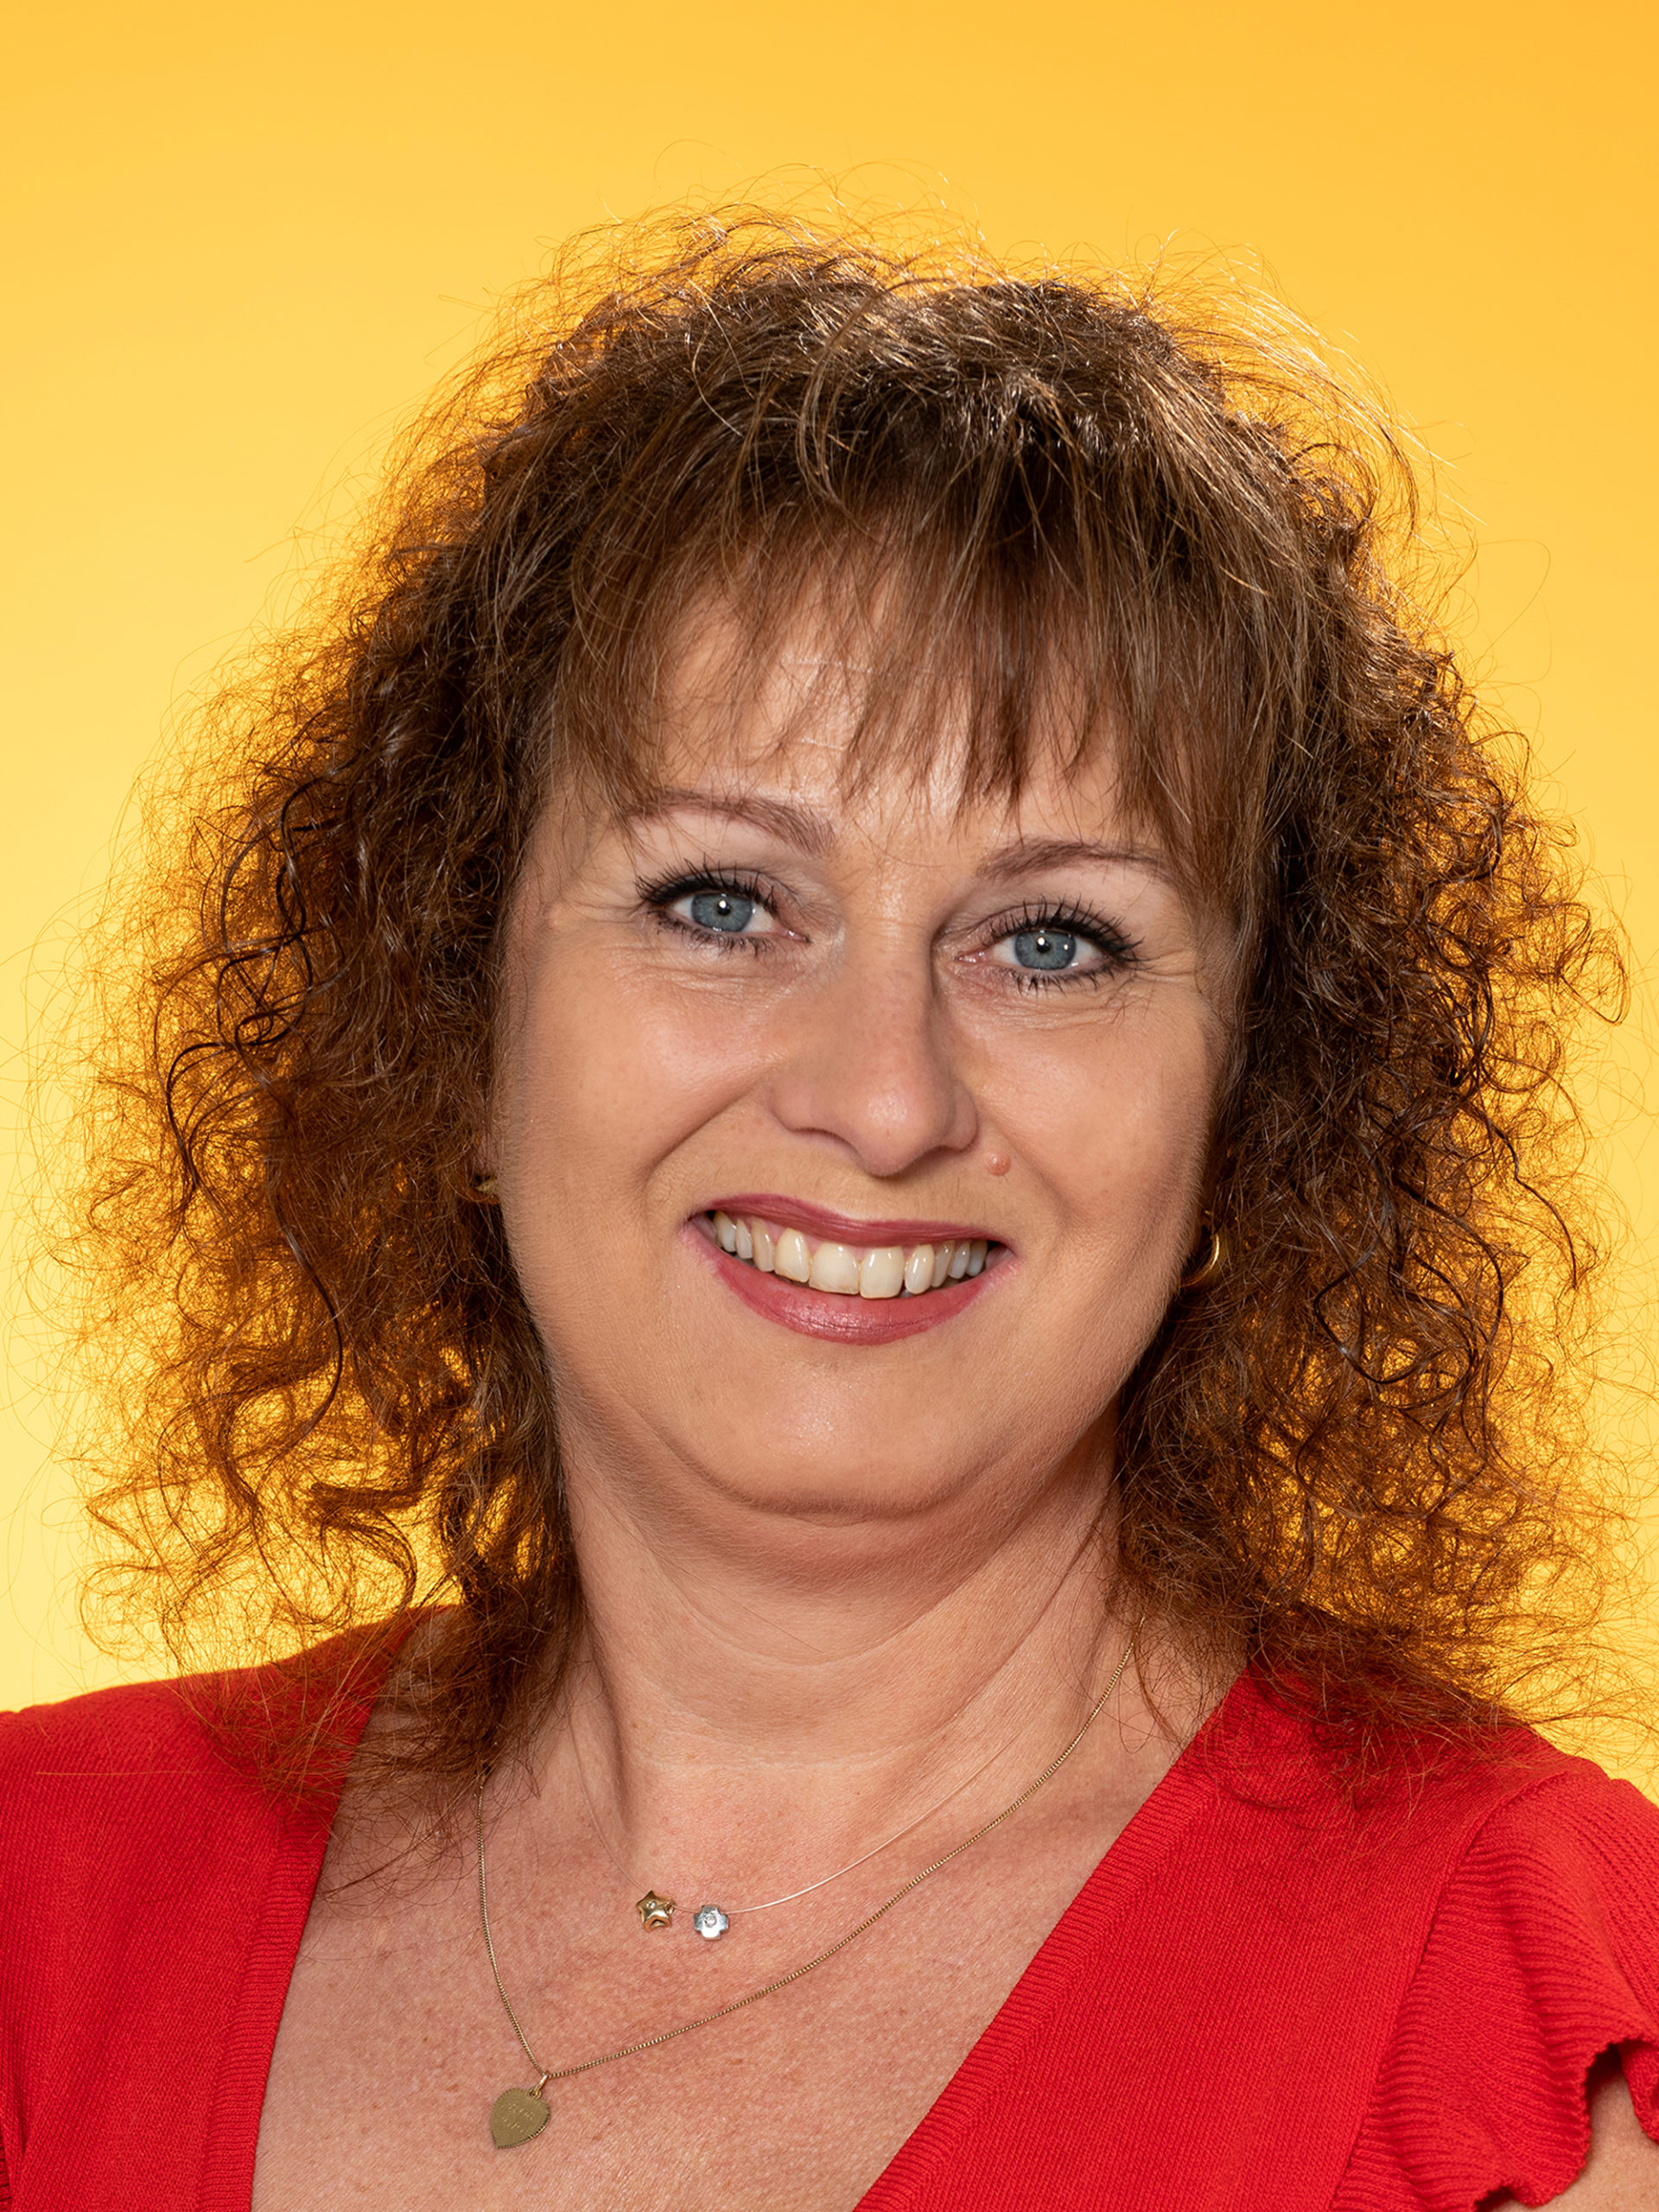 Manuela Fürtbauer